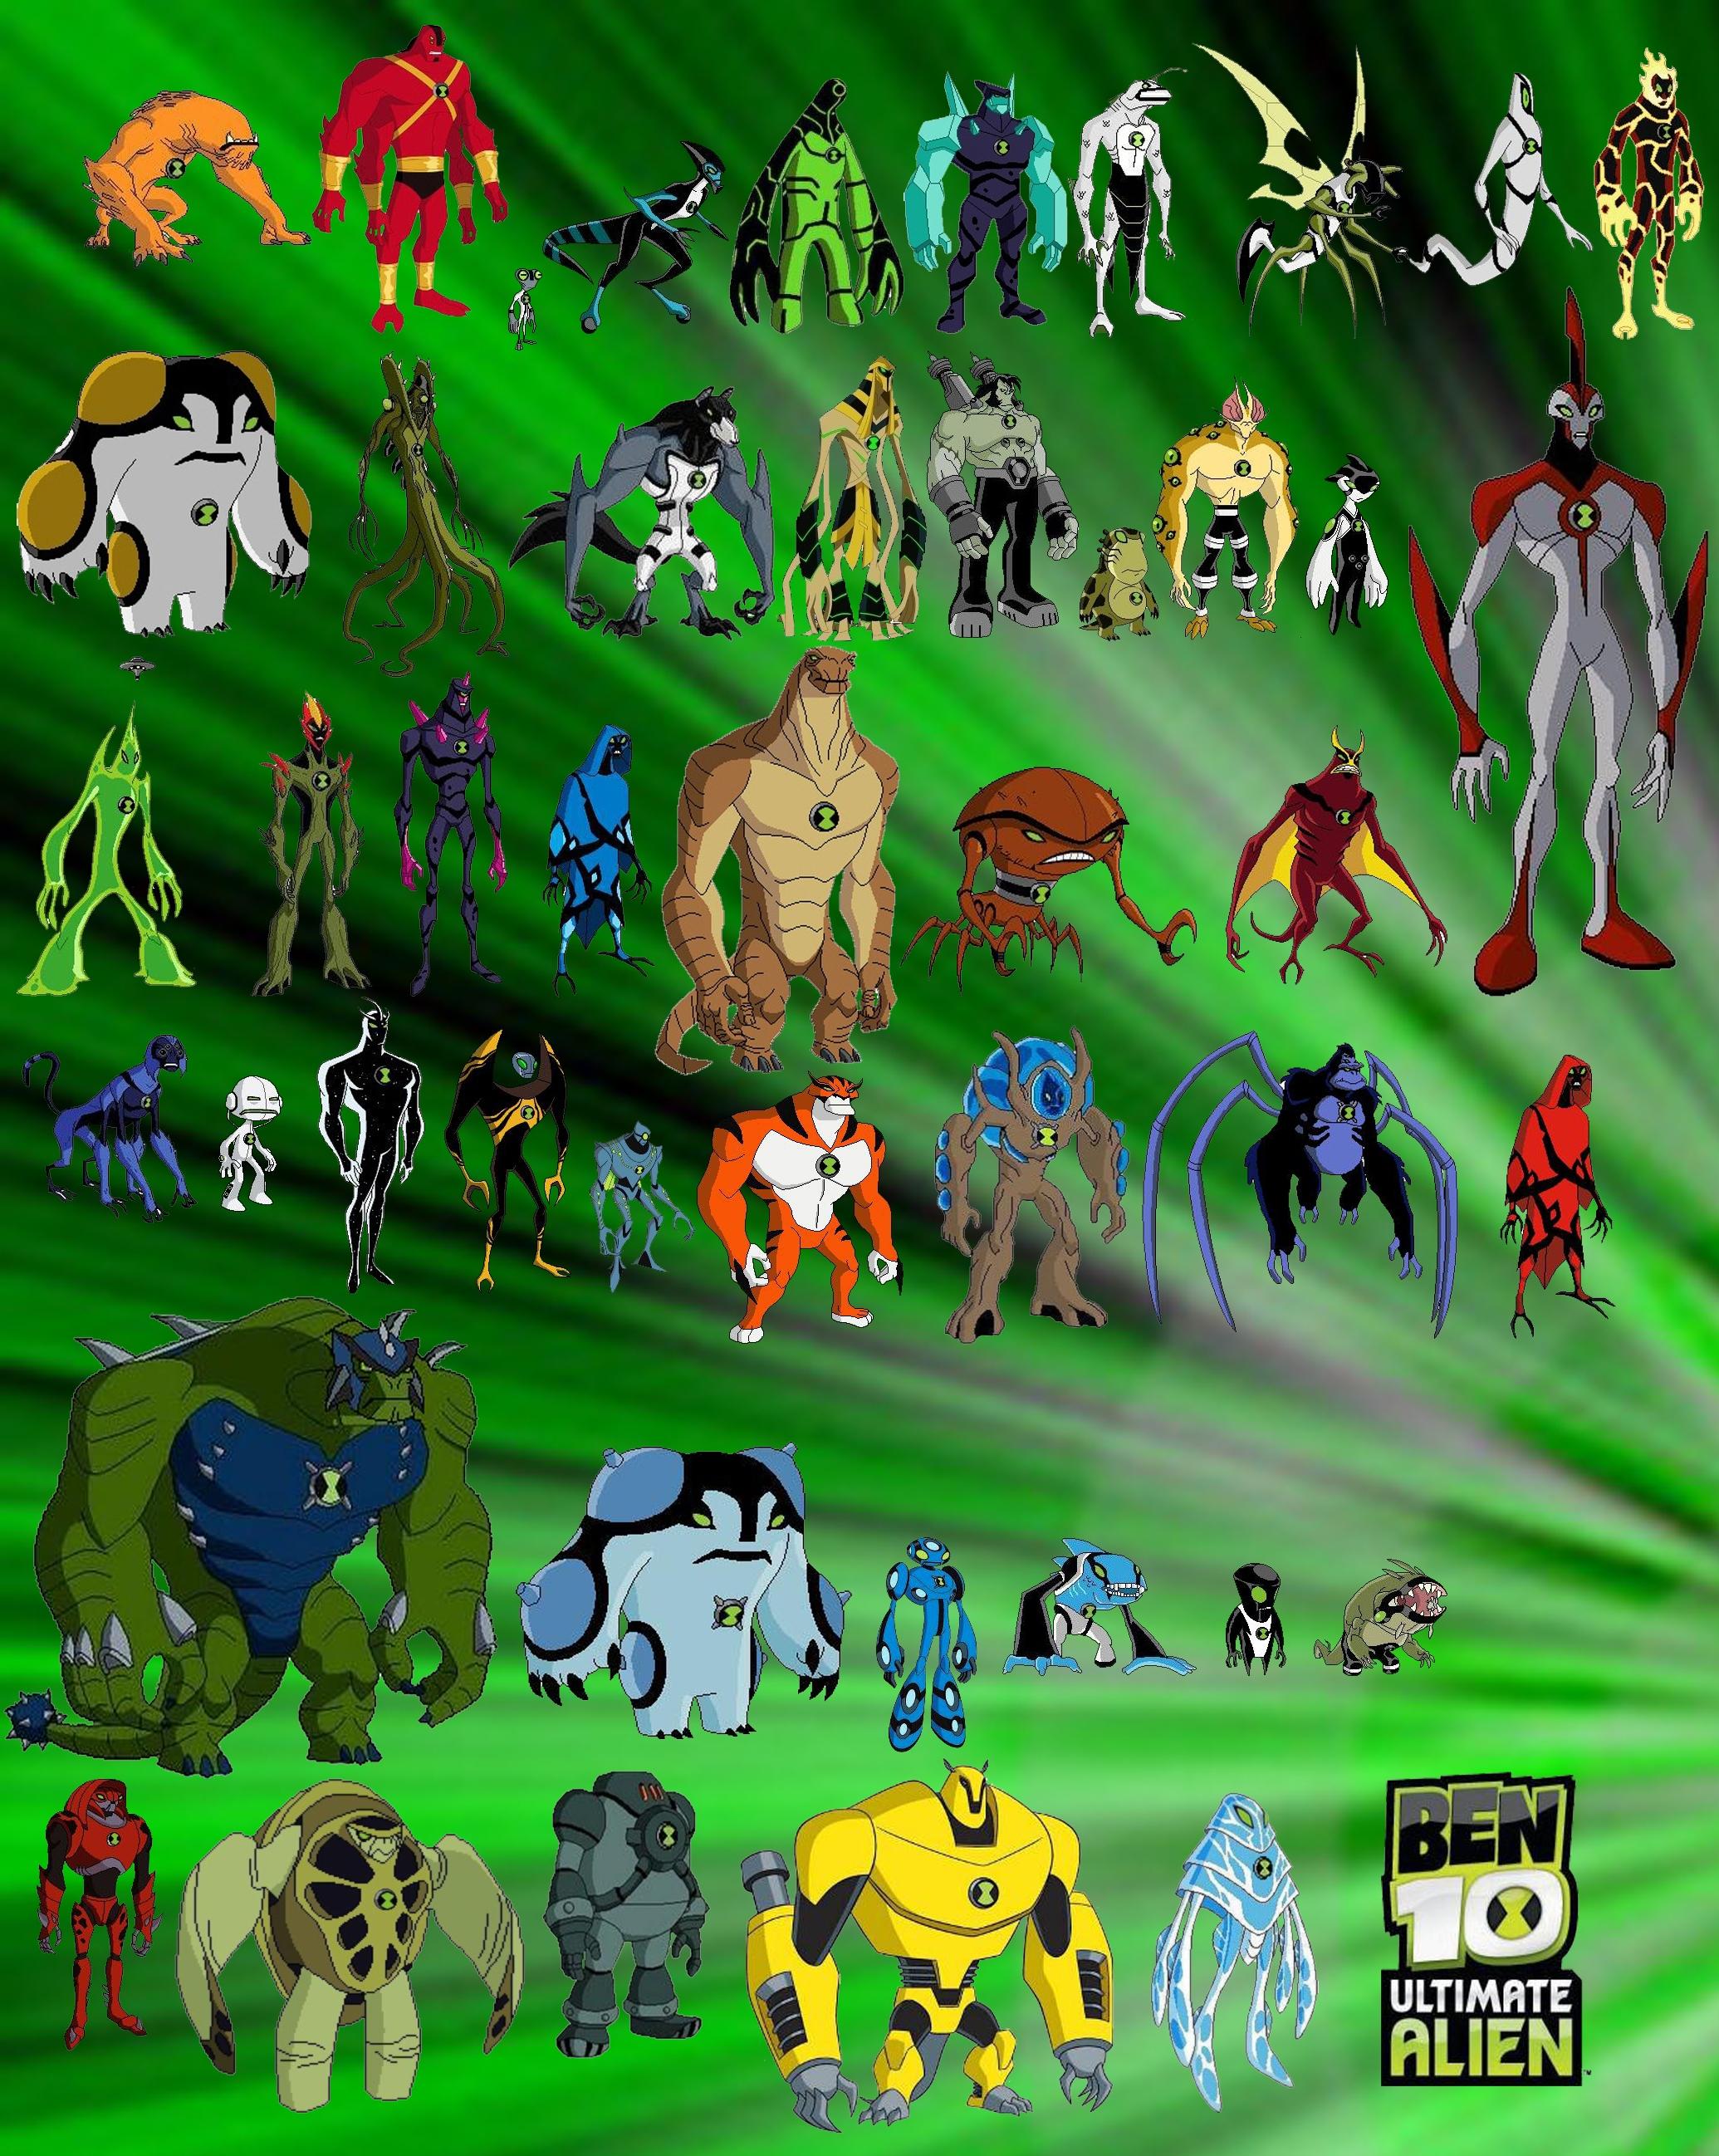 Archivo:Todos los aliens de ben 10 ultimate alien.jpg